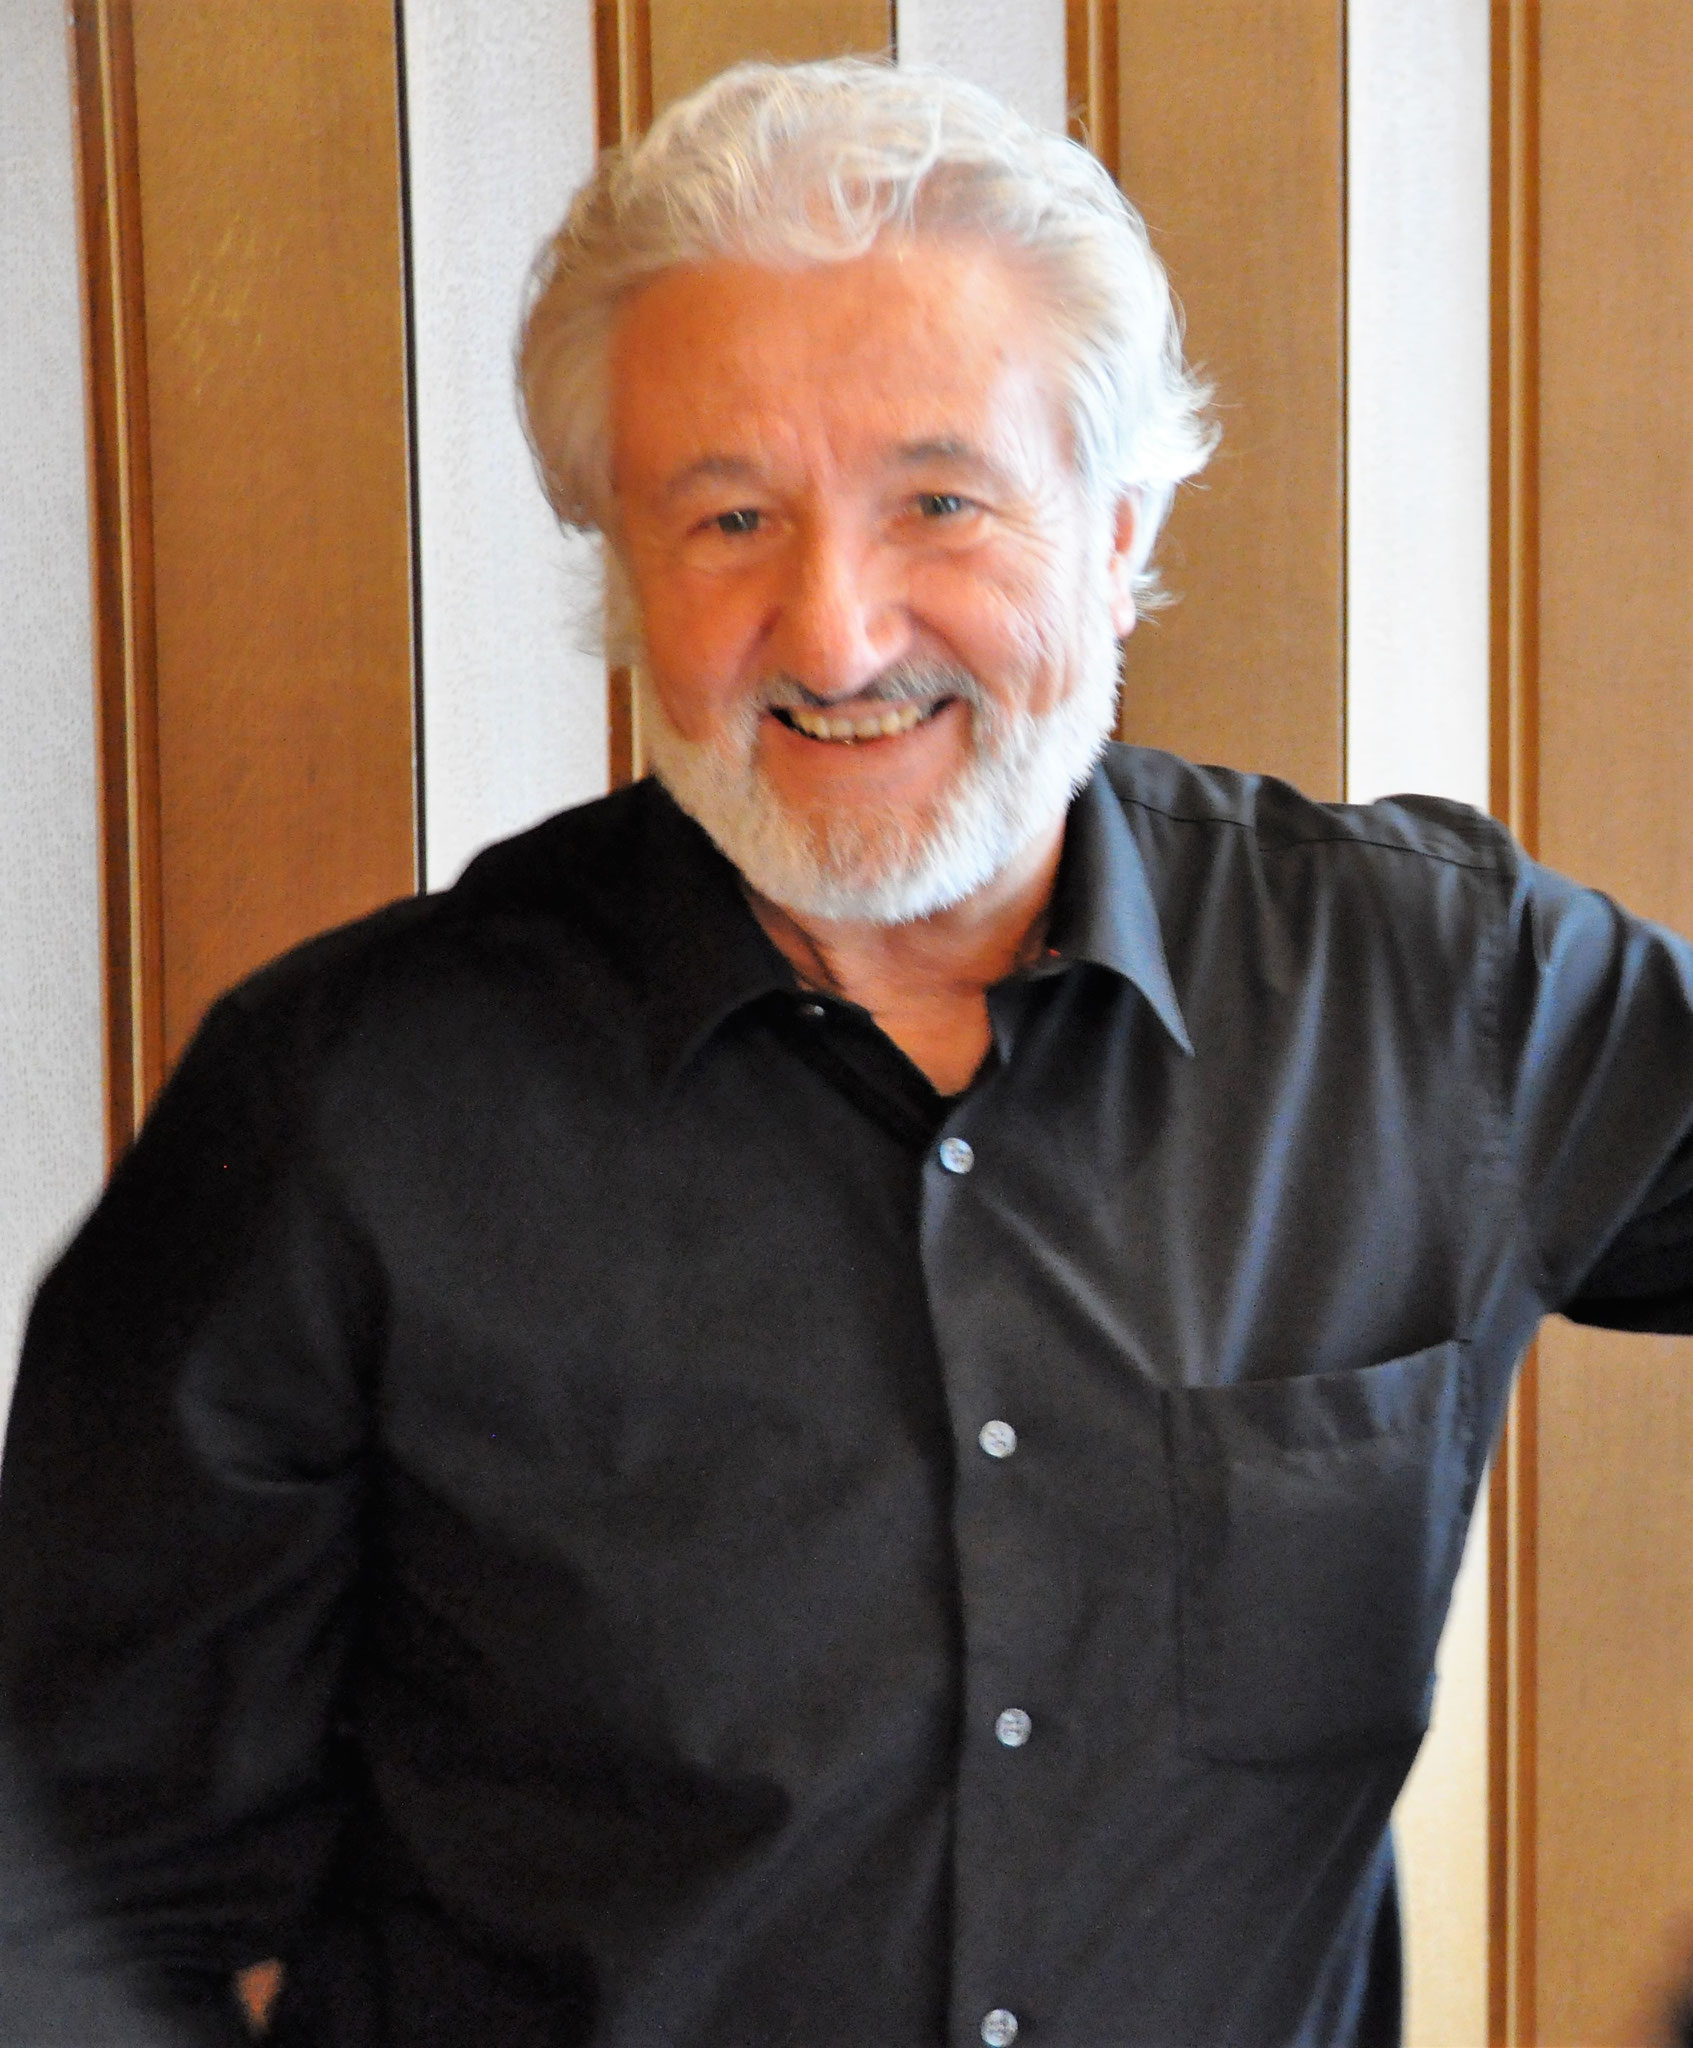 Wilfried Schütz, Vizepräsident, Feier zum Tag der Astrologie vom 18. März 2017